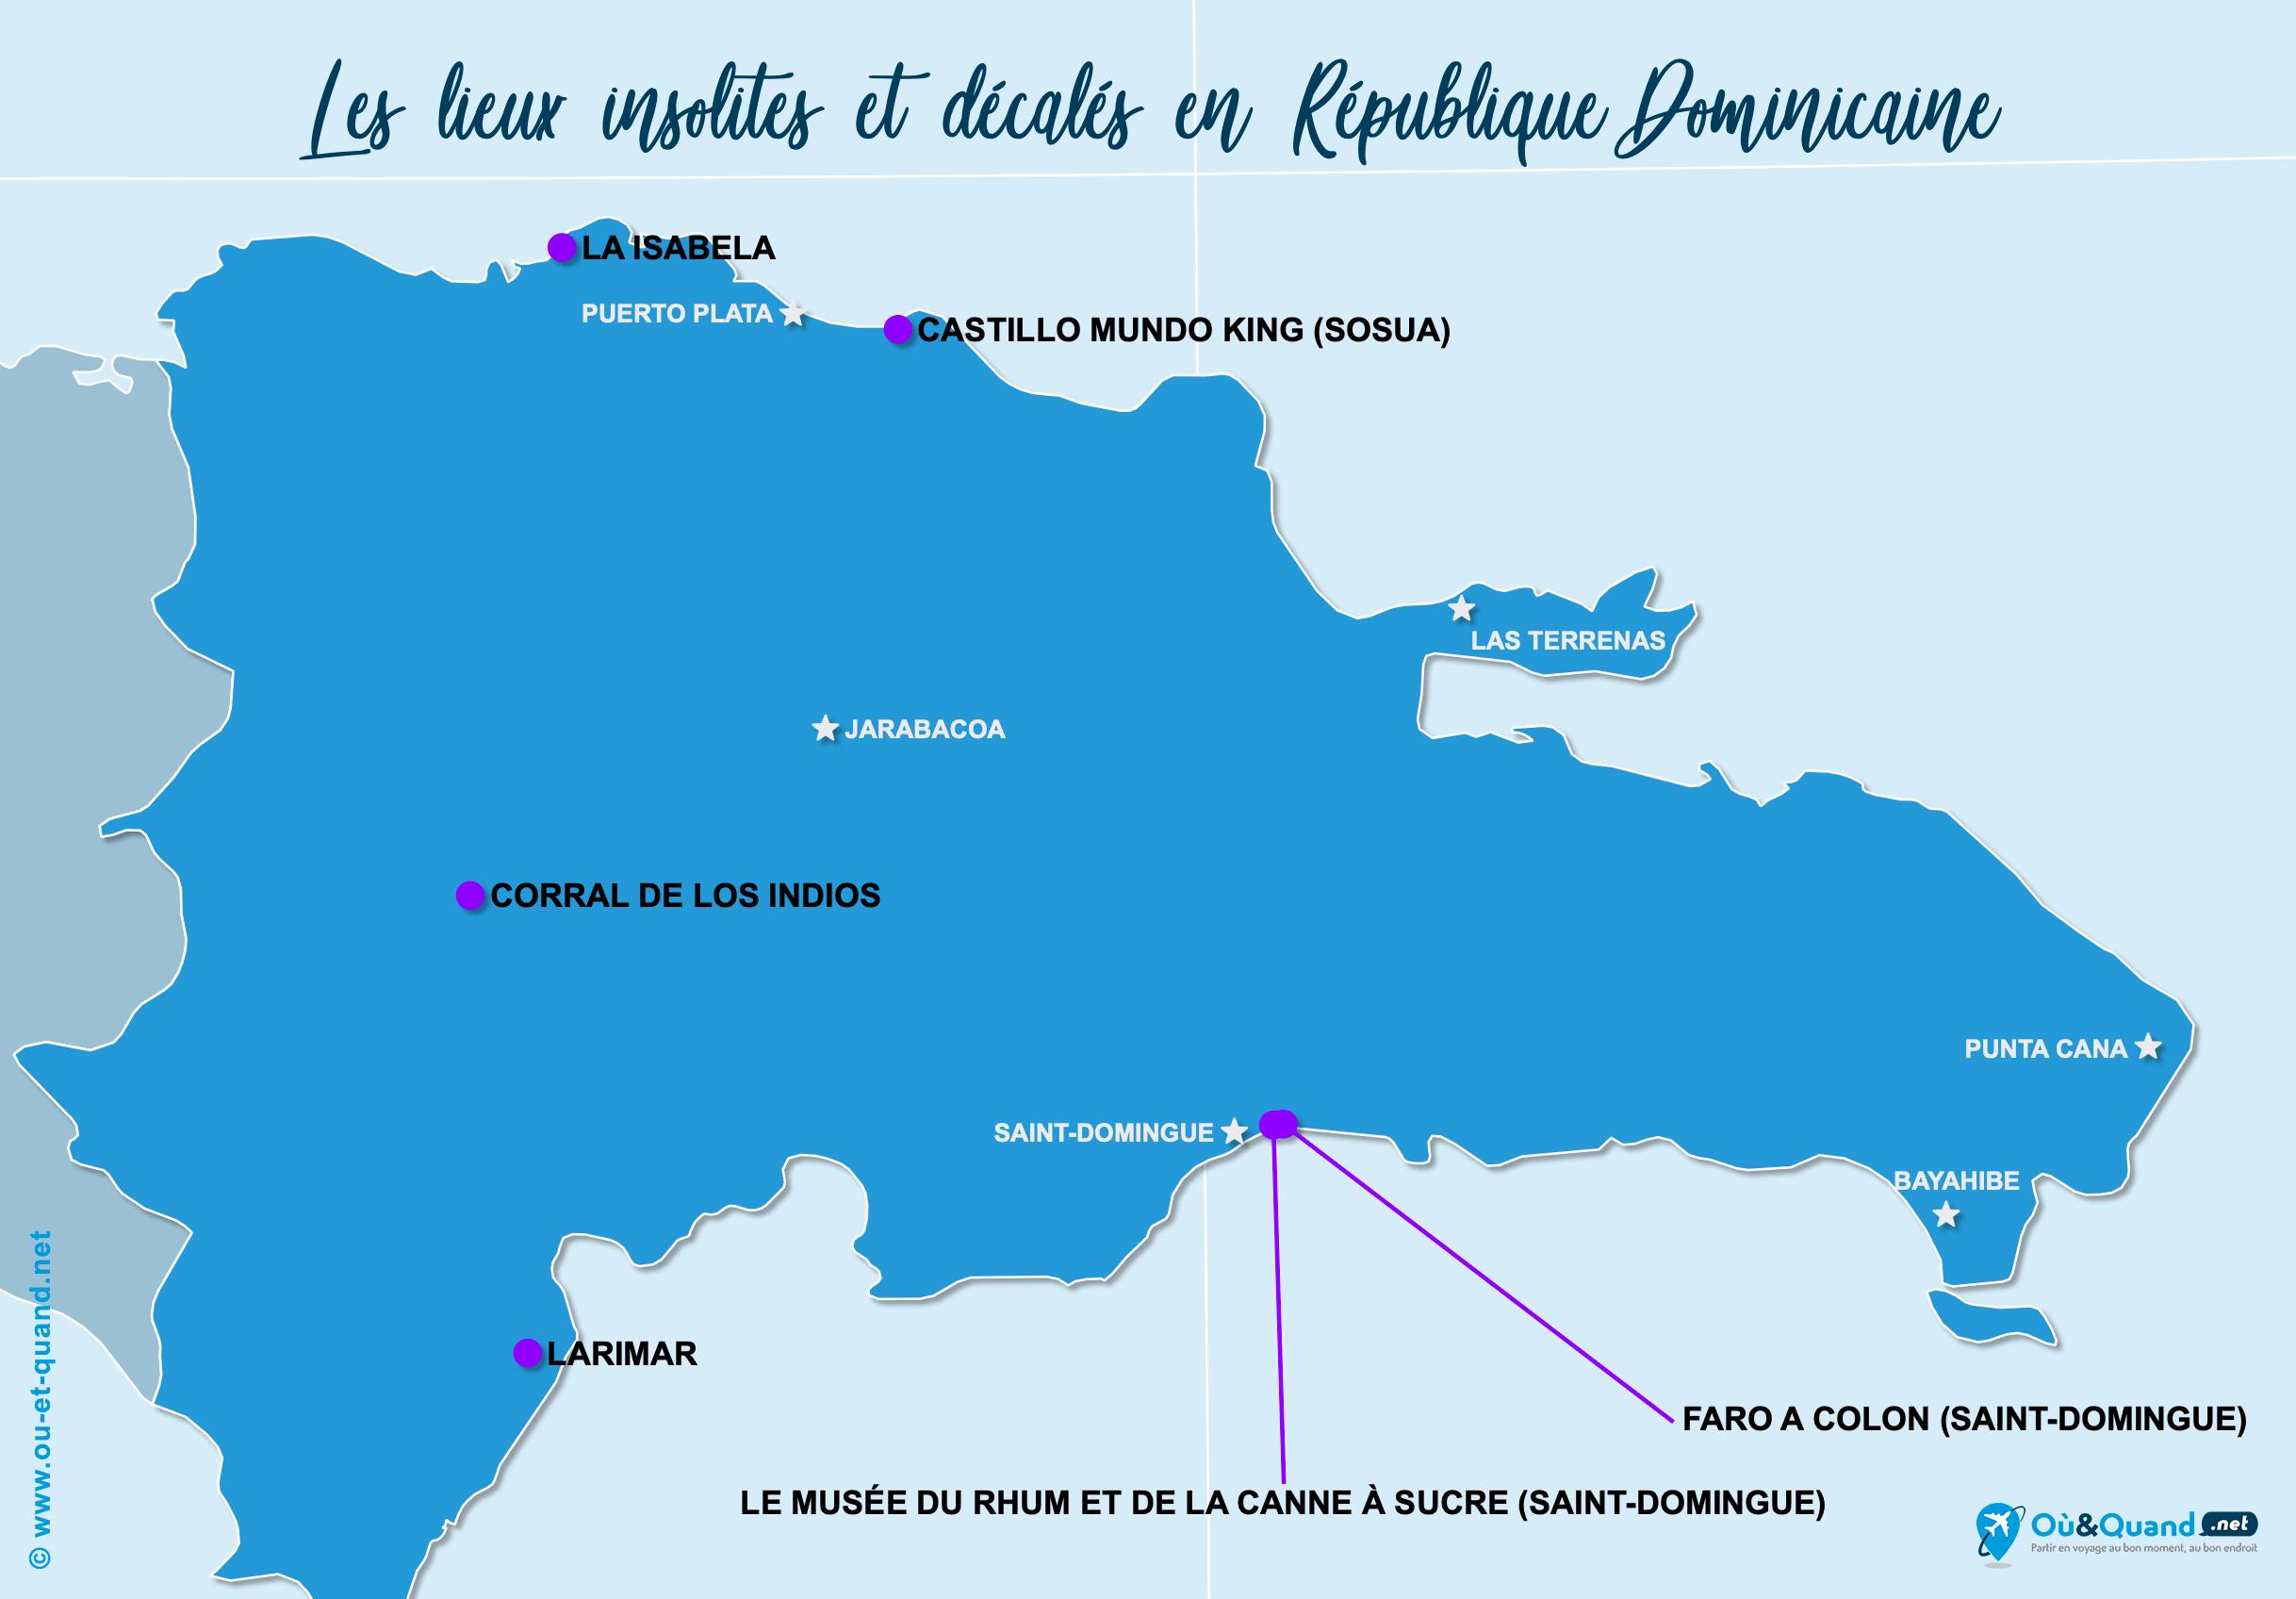 Carte République Dominicaine : La République Dominicaine insolite